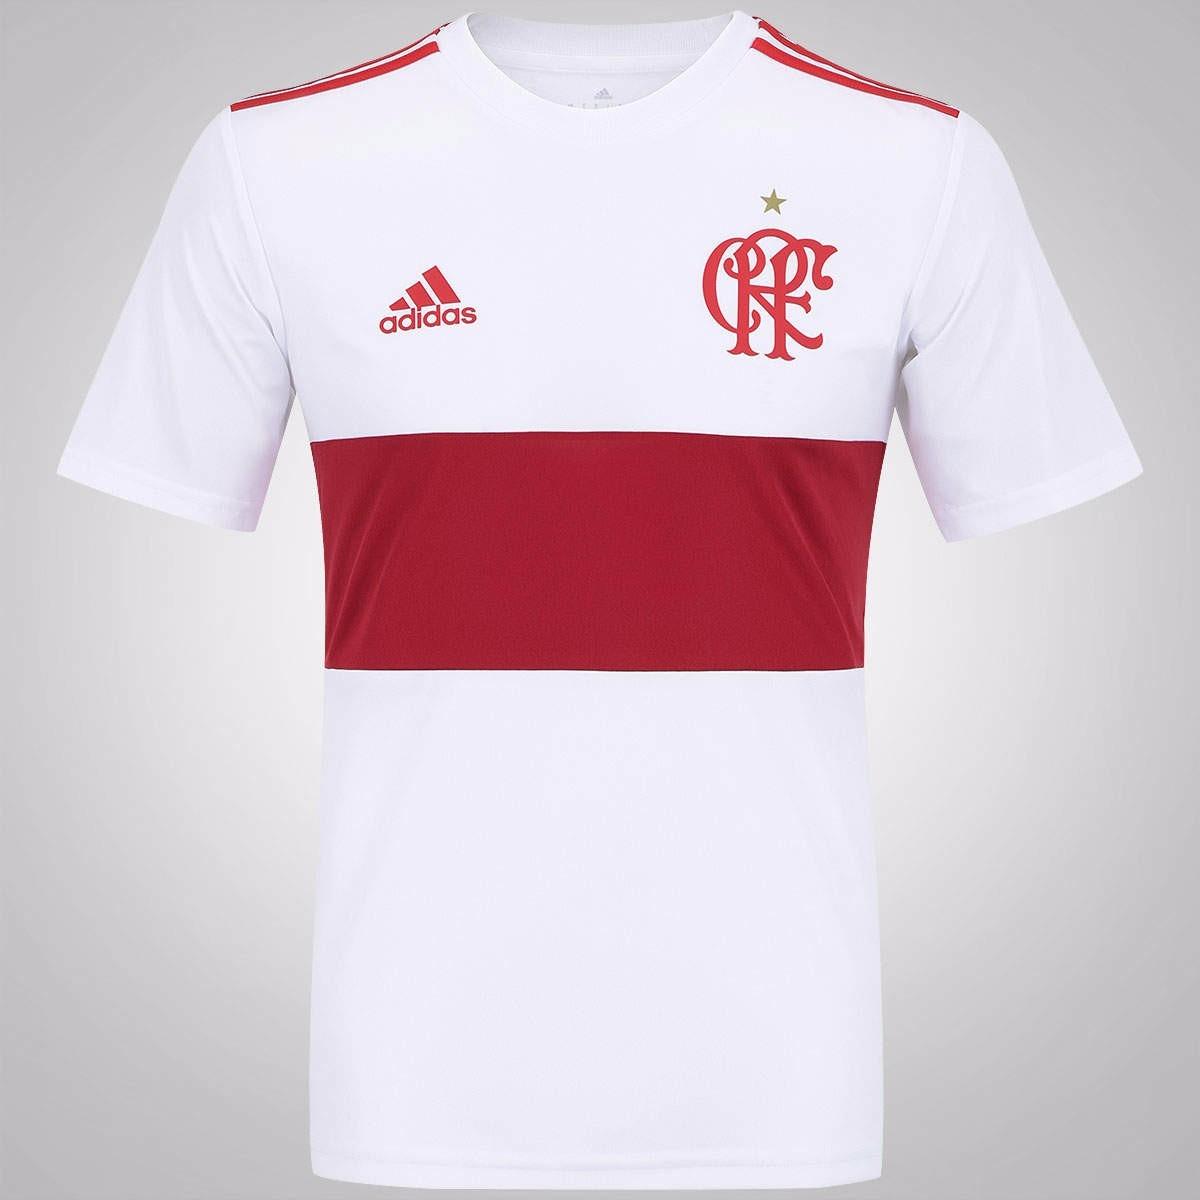 7b1e1c45a8919 Camisa Flamengo Branca adidas 2015/2016 - R$ 120,02 em Mercado Livre